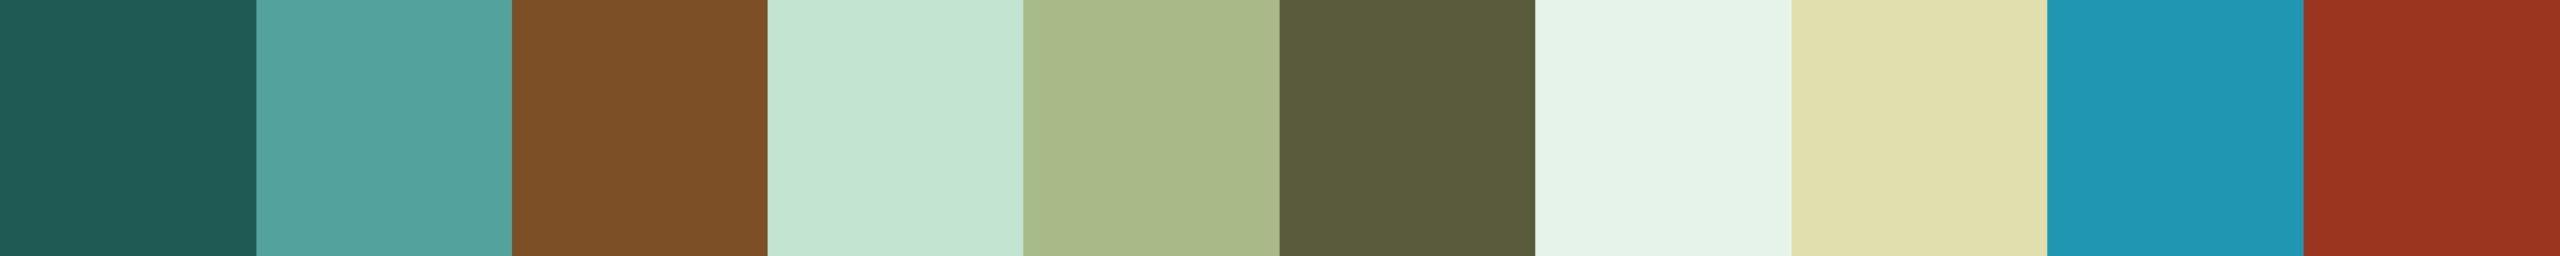 429 Pagra Color Palette